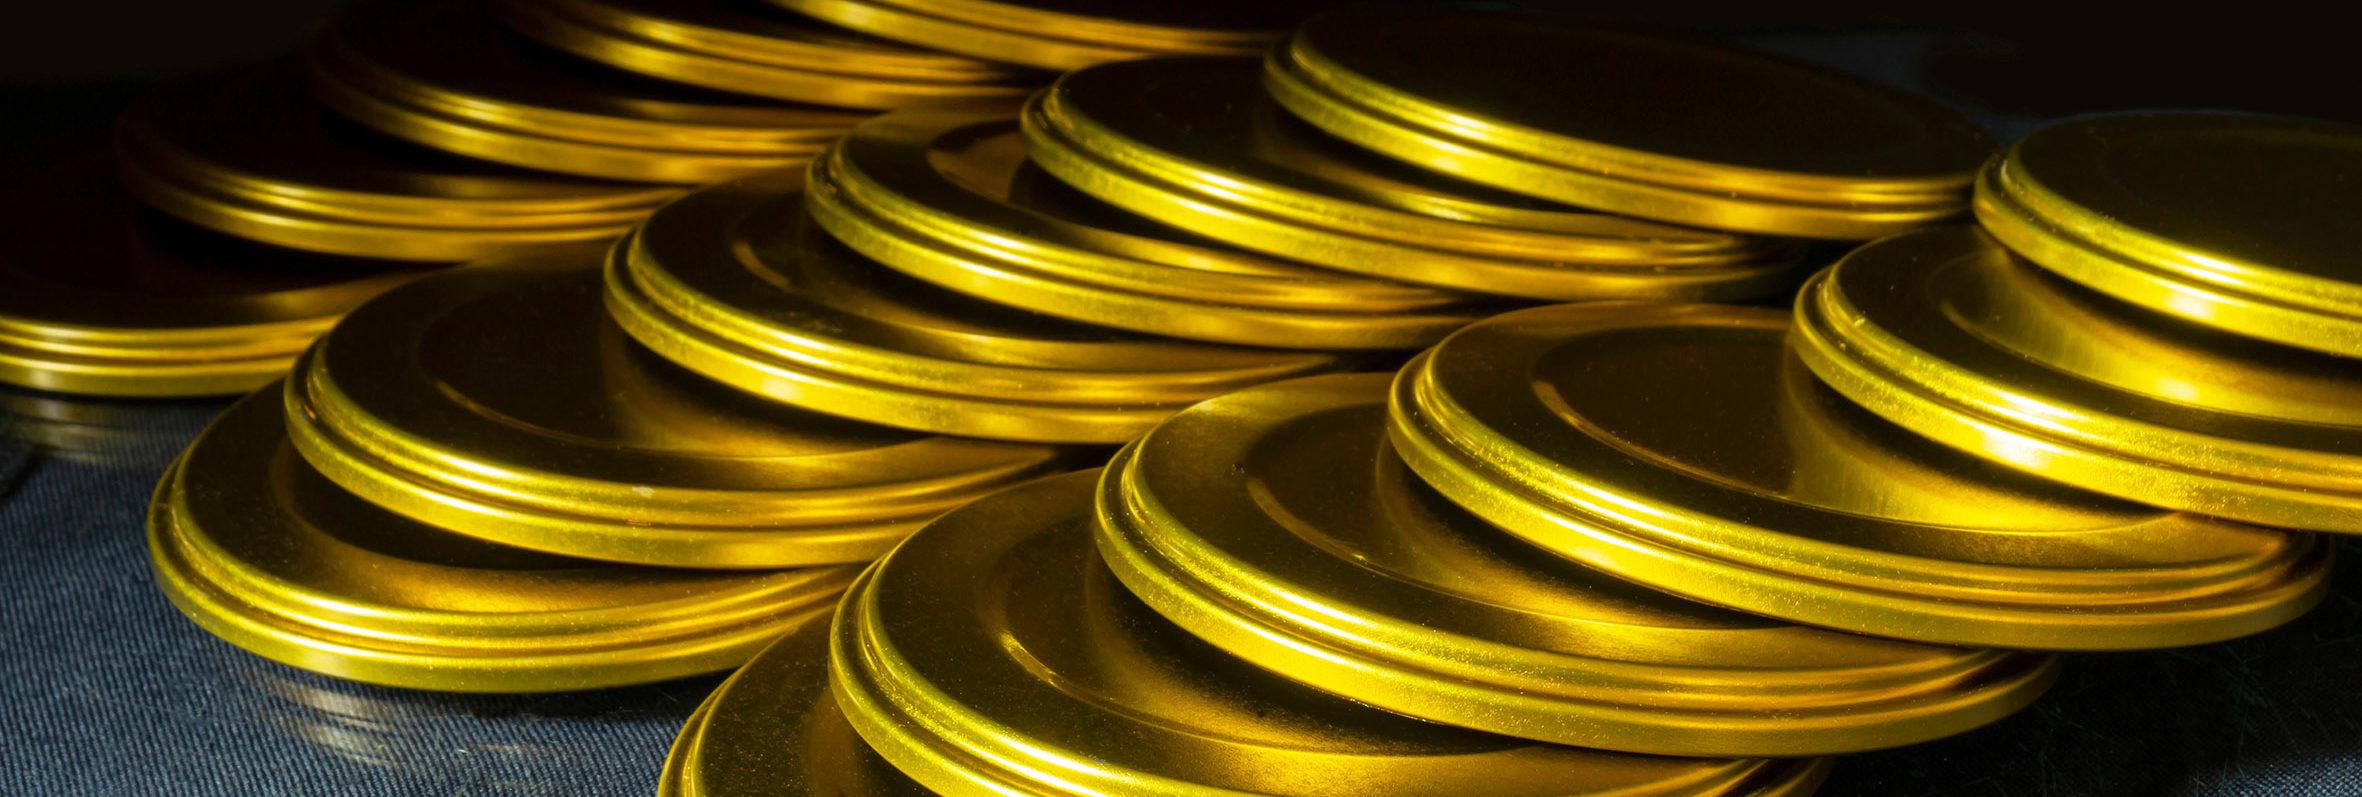 movimentazione coperchi metallo